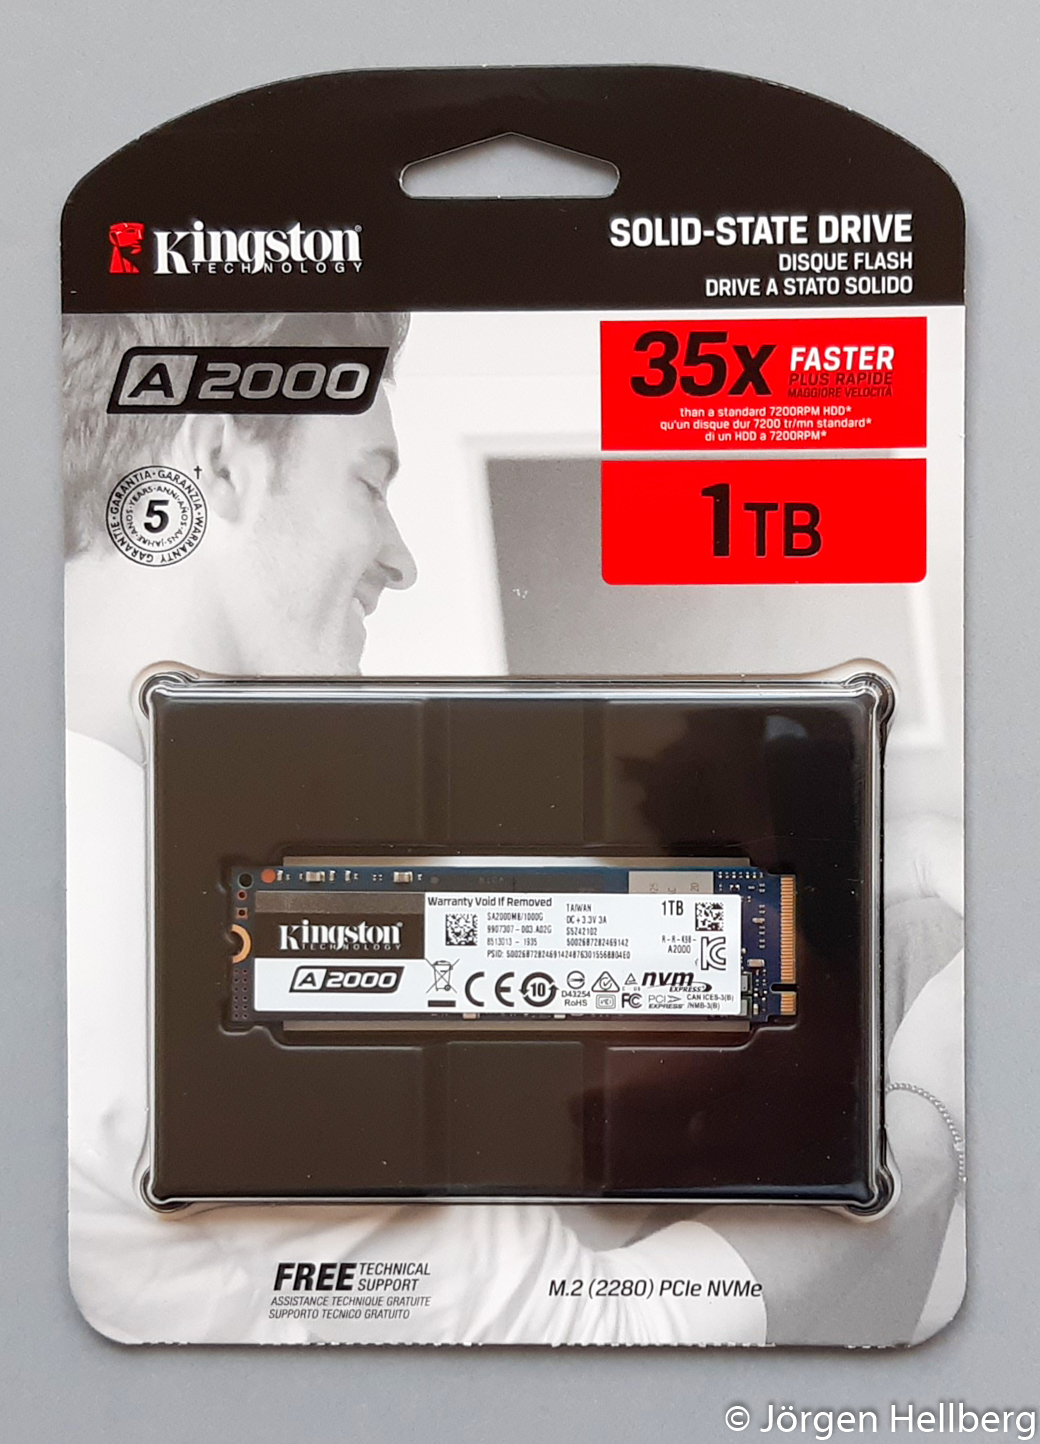 1 TB Kingston's A2000 NVMe PCIe SSD